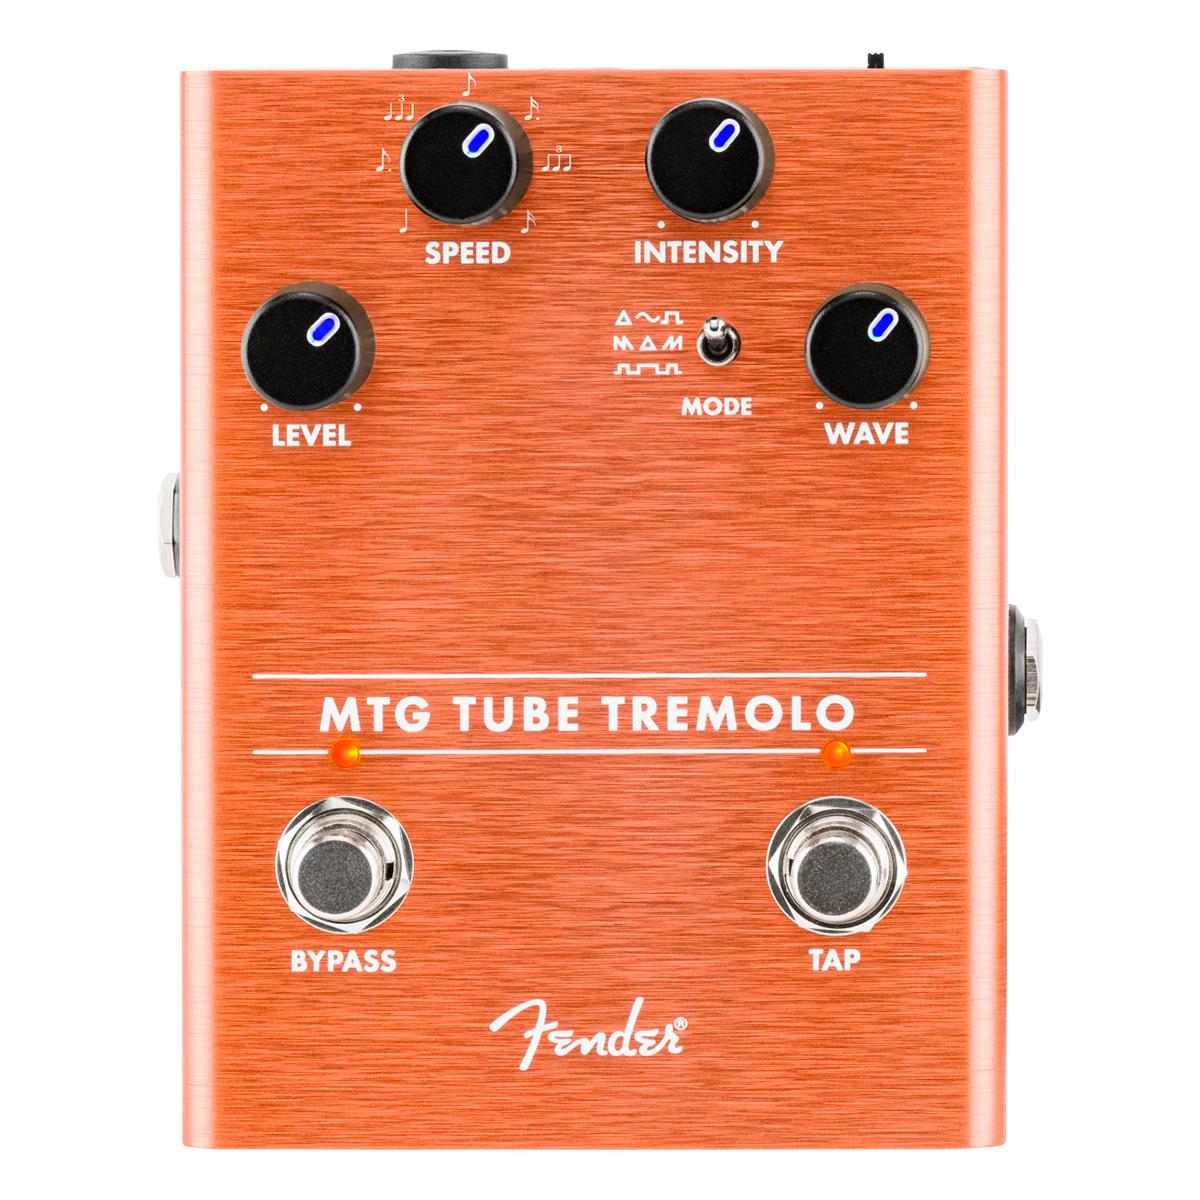 【8/31迄 アダプタープレゼント】 Fender MTG Tube Tremolo コンパクトエフェクター トレモロ 【フェンダー】